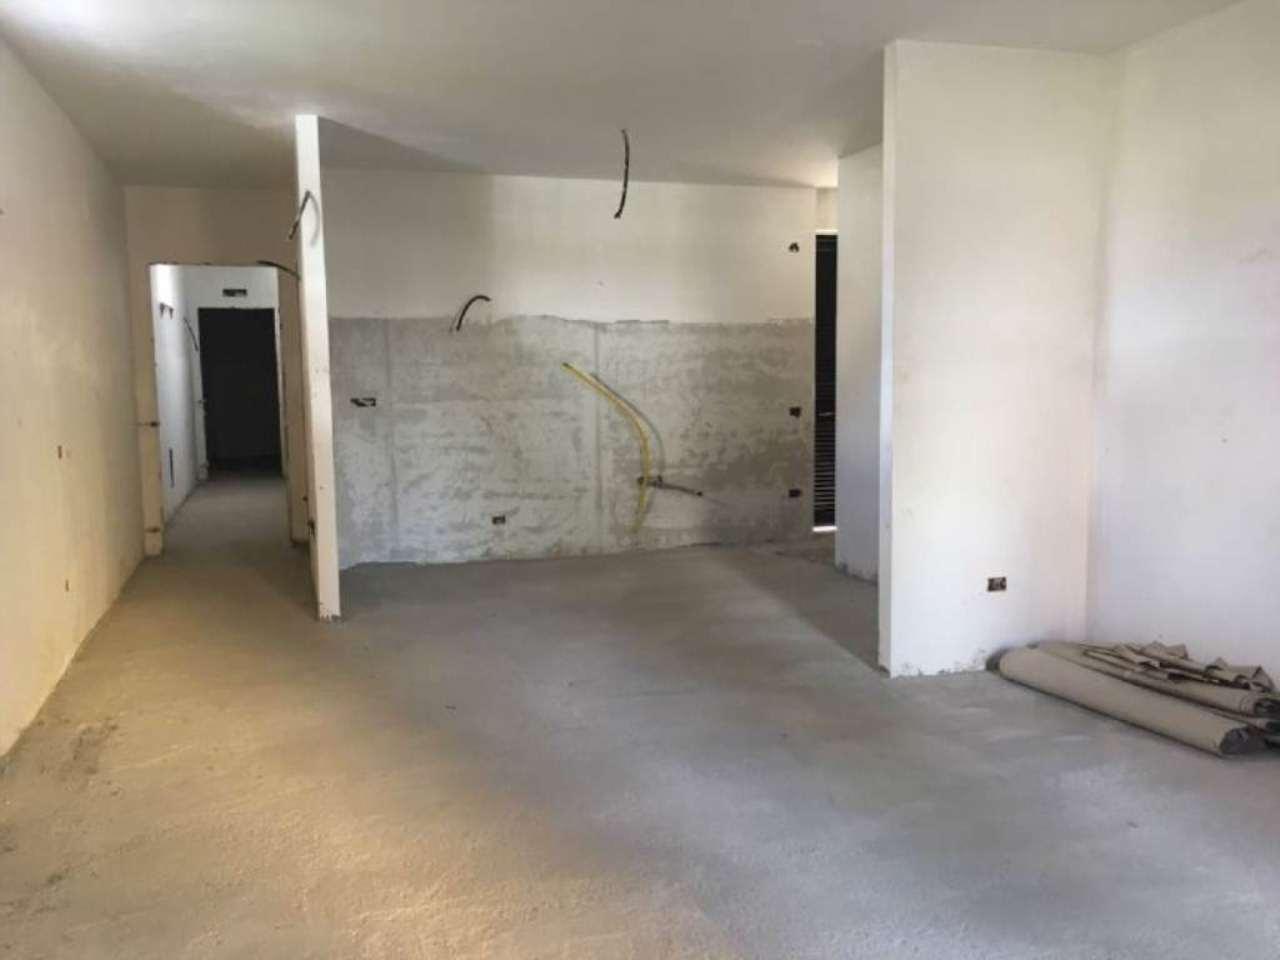 Appartamento in vendita a Marigliano, 3 locali, prezzo € 180.000 | Cambio Casa.it